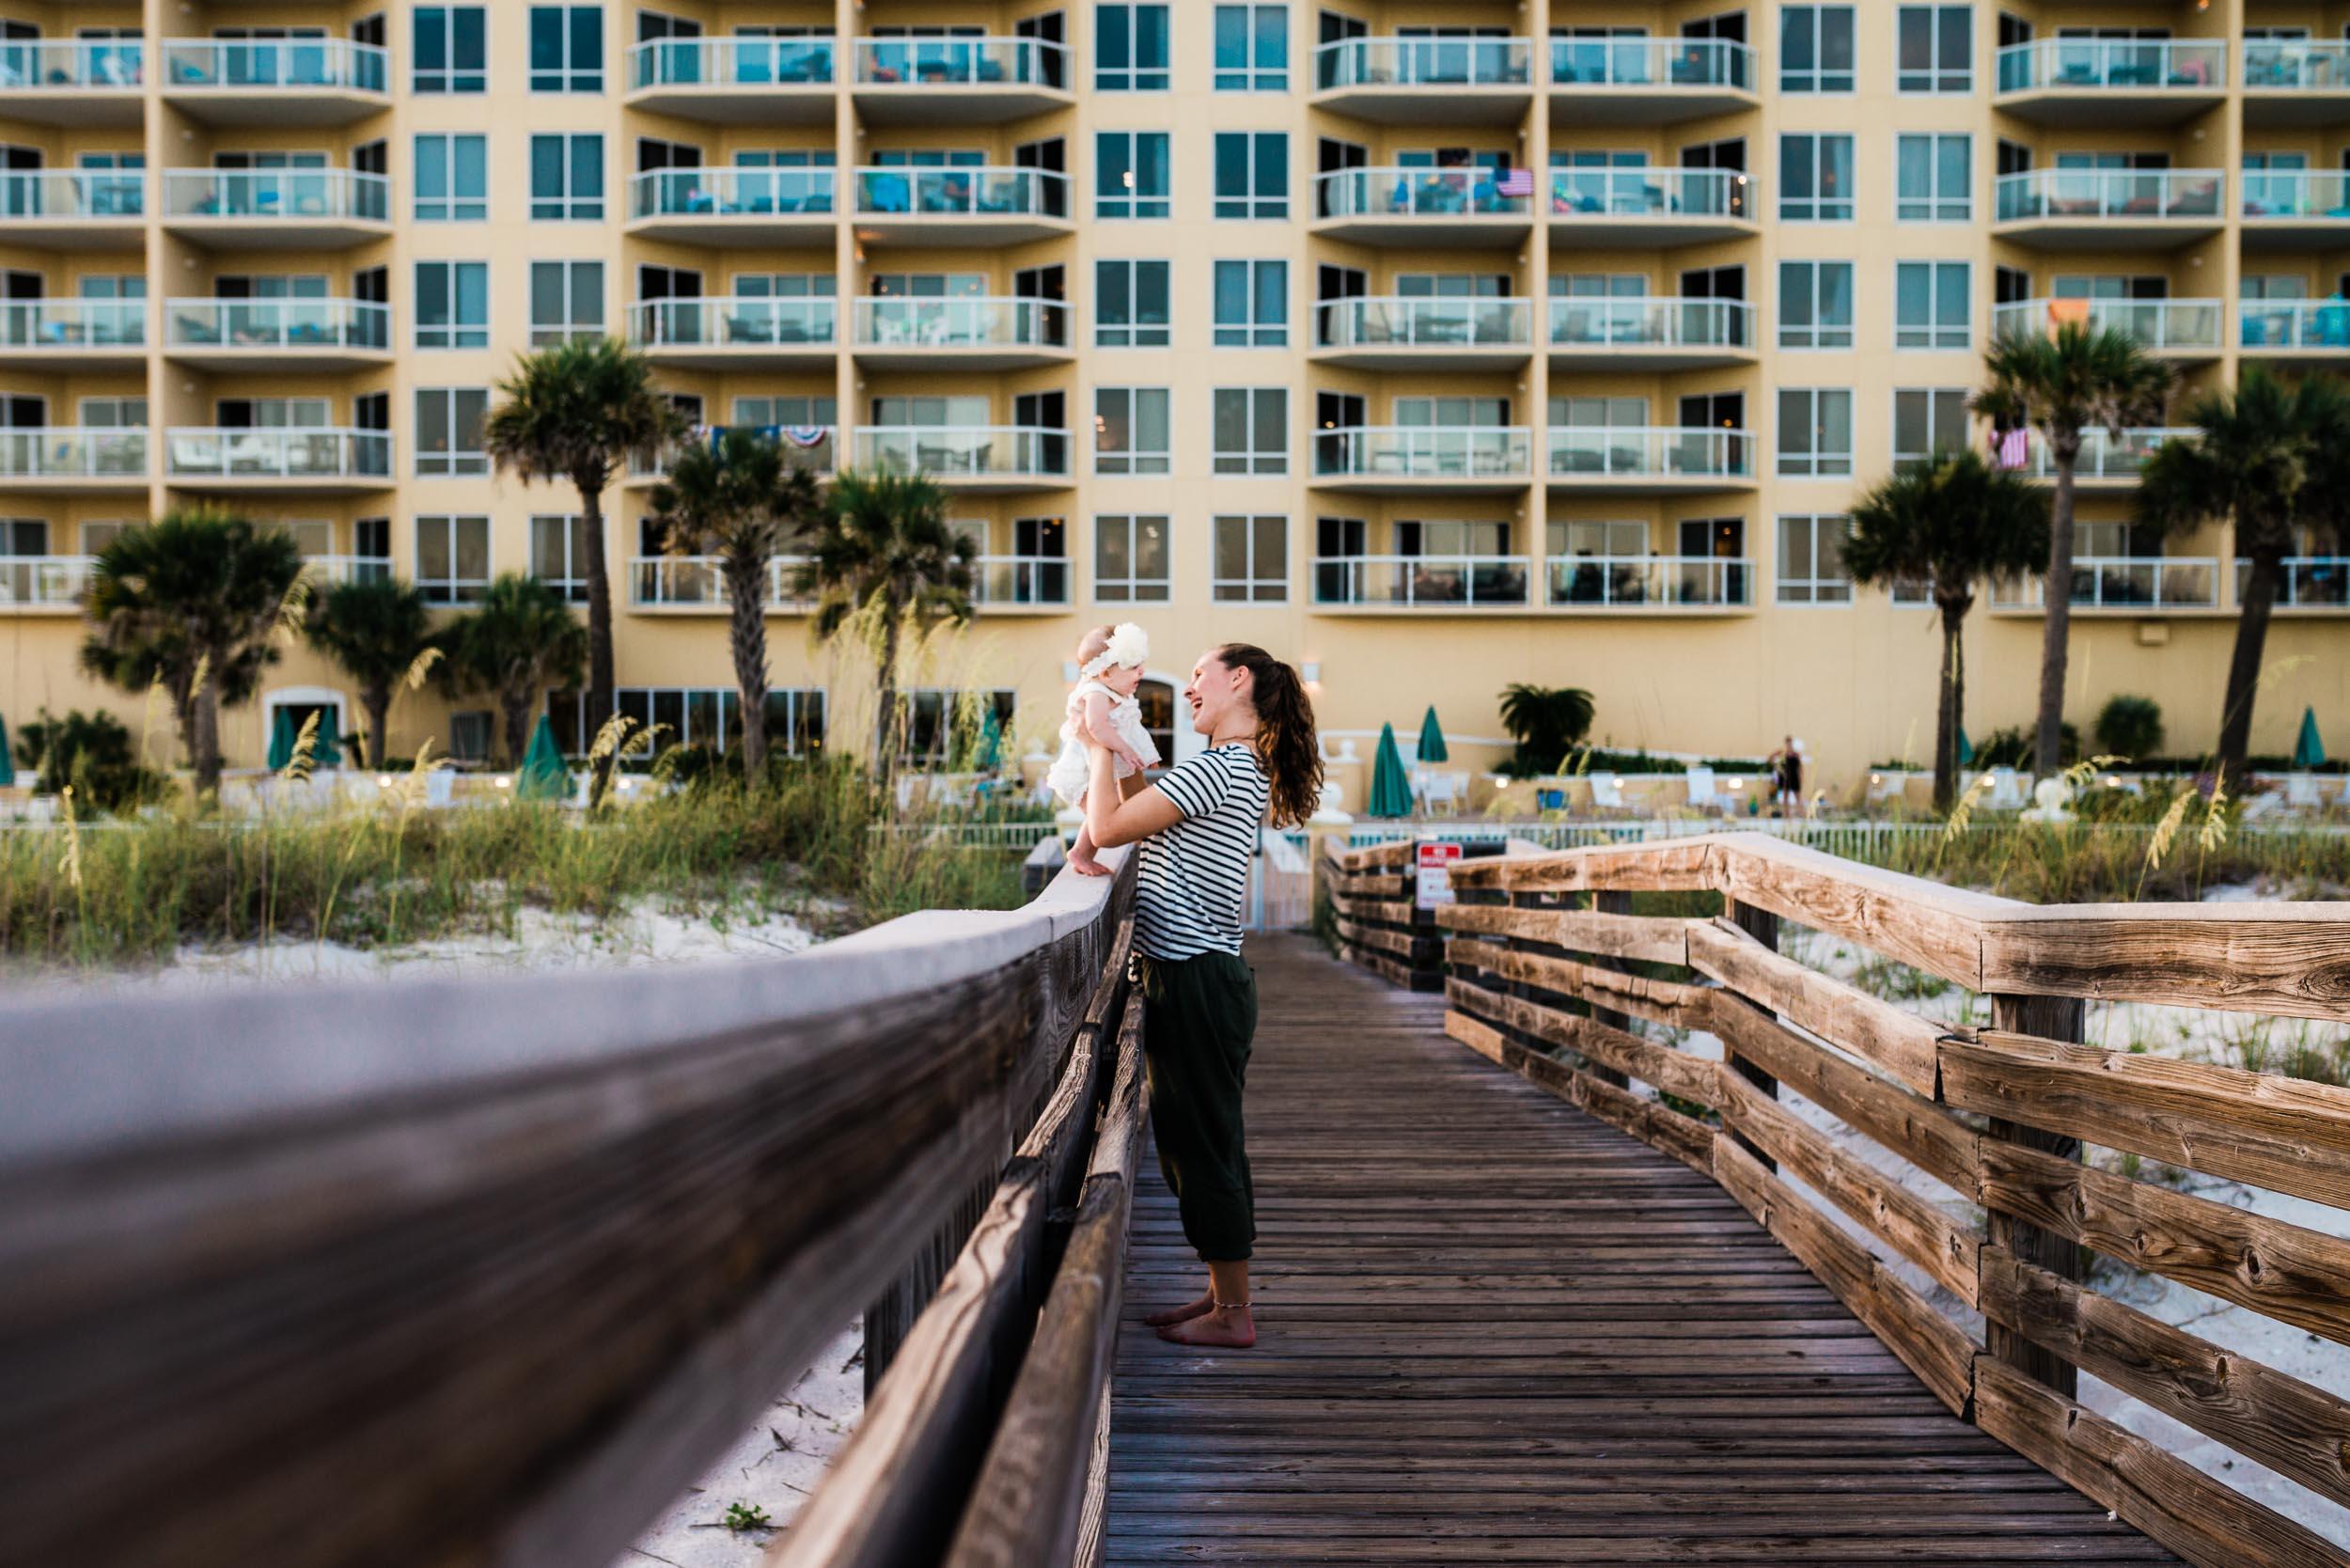 Emerald Isles Pensacola Beach